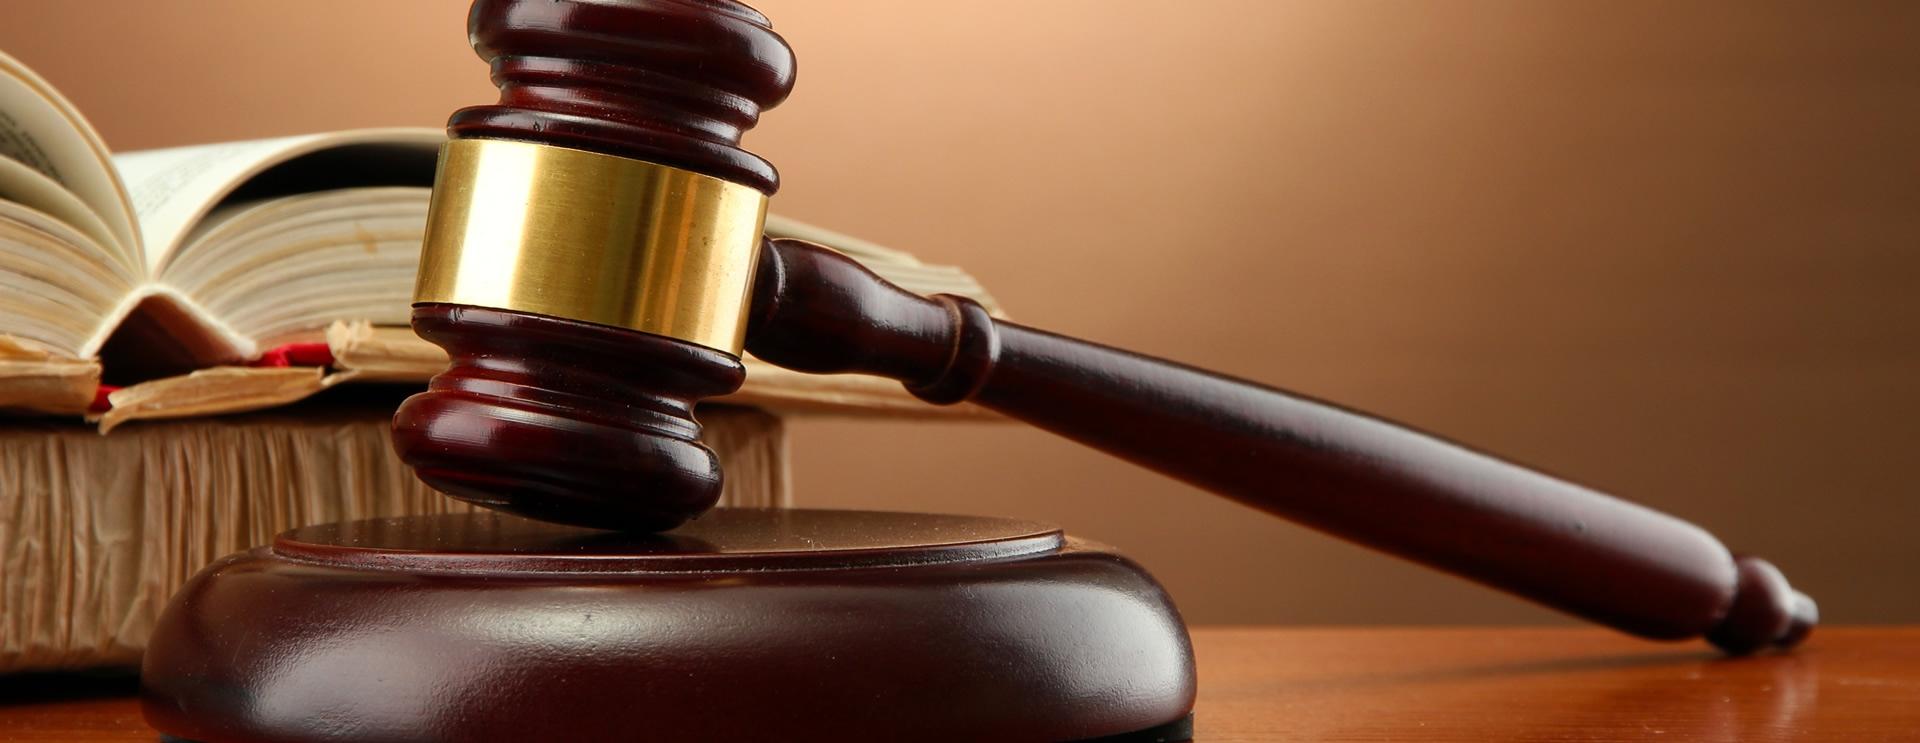 Resultado de imagem para imagens de advocacia